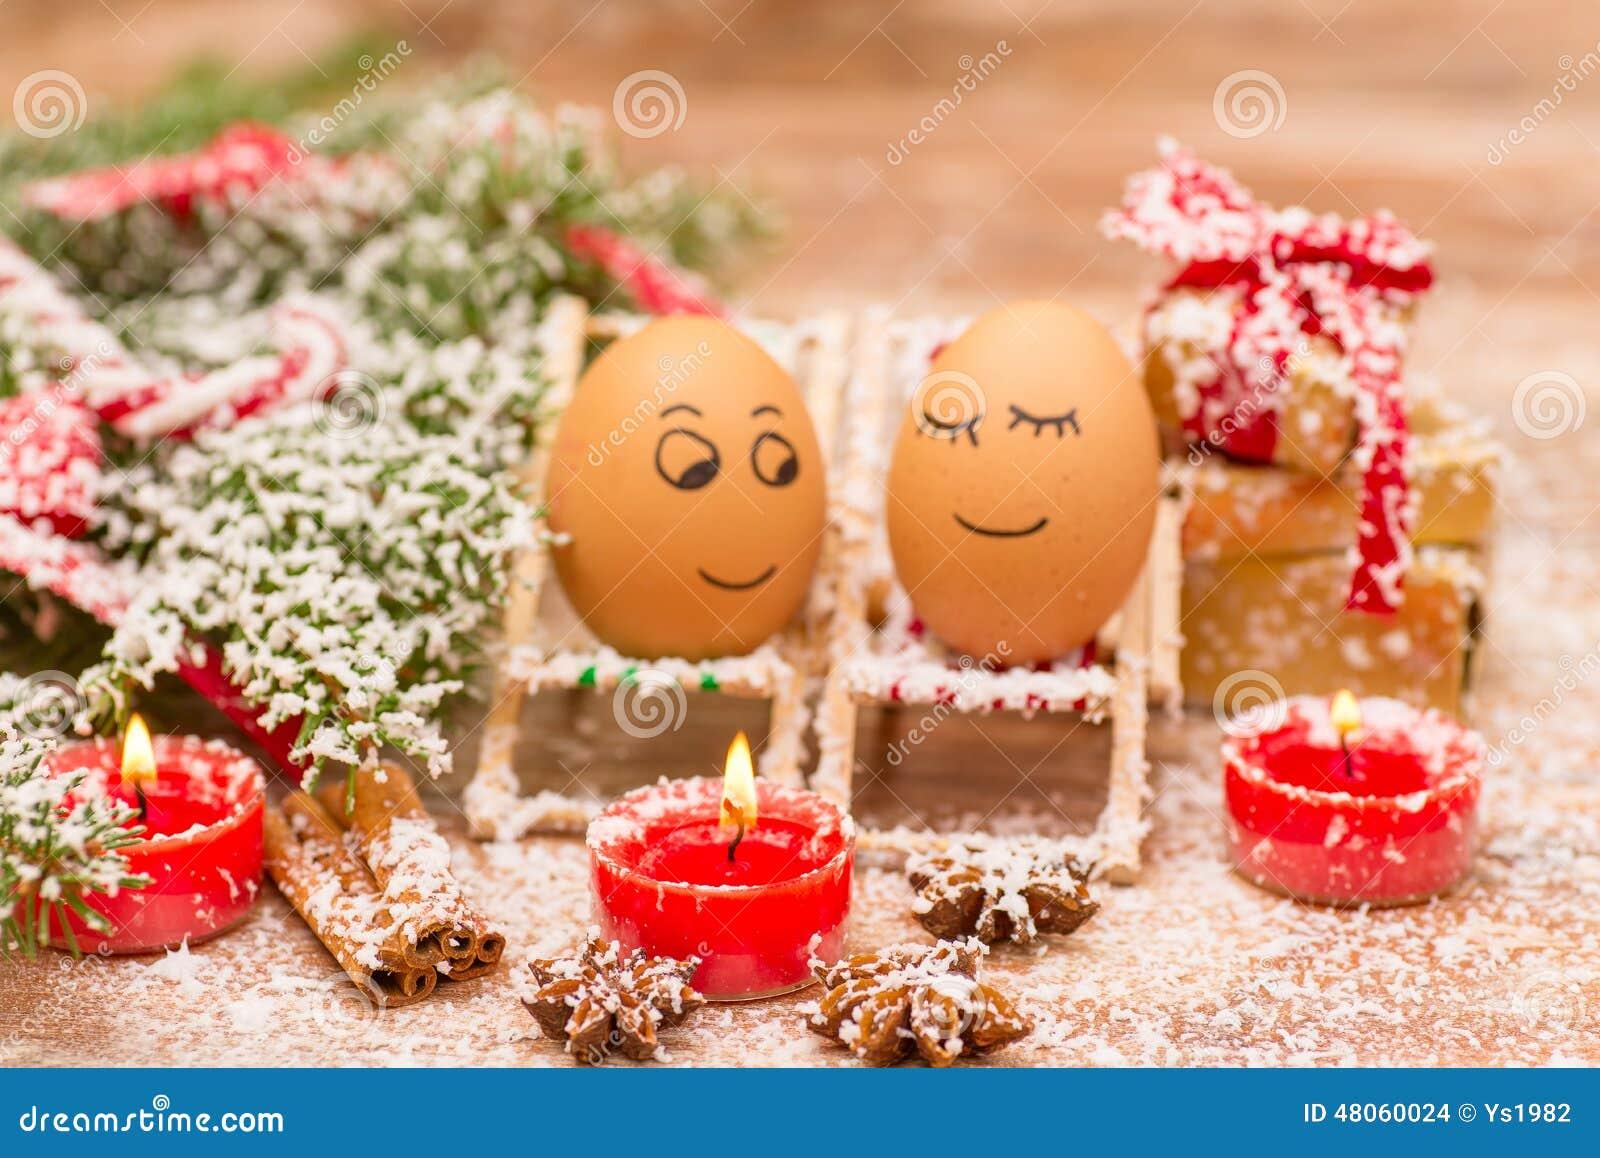 Lustige Eier Weihnachten Mandarine Geschenk Und Kerzen Stockfoto